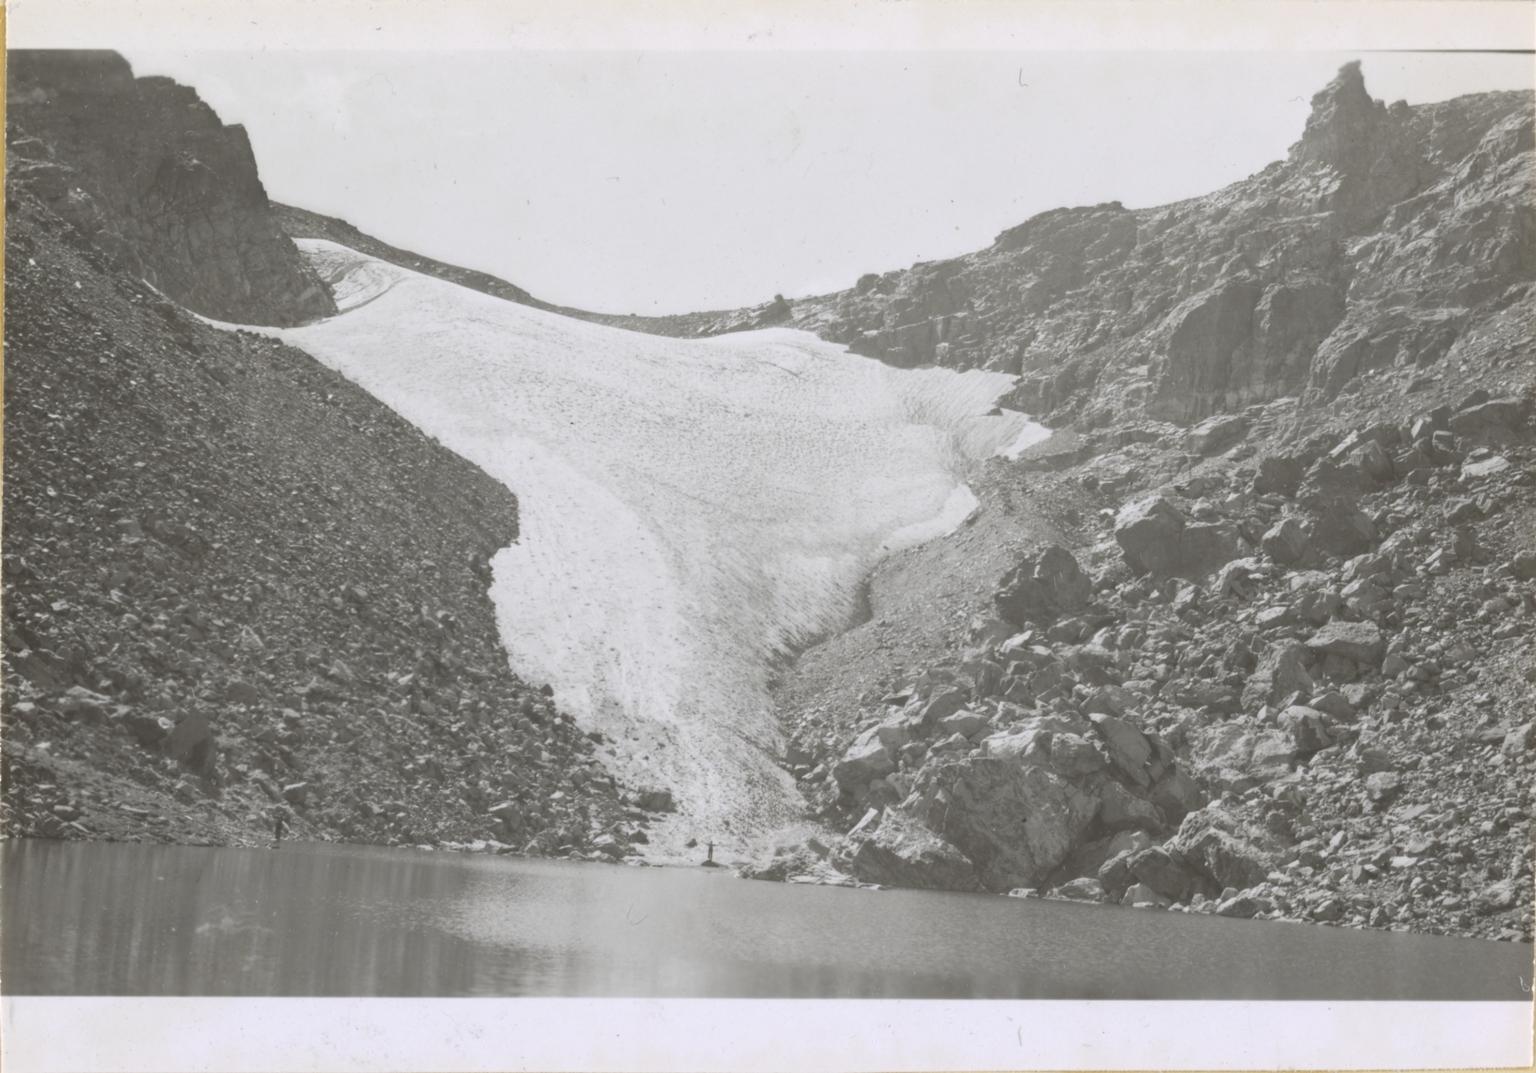 Andrews Glacier, Colorado